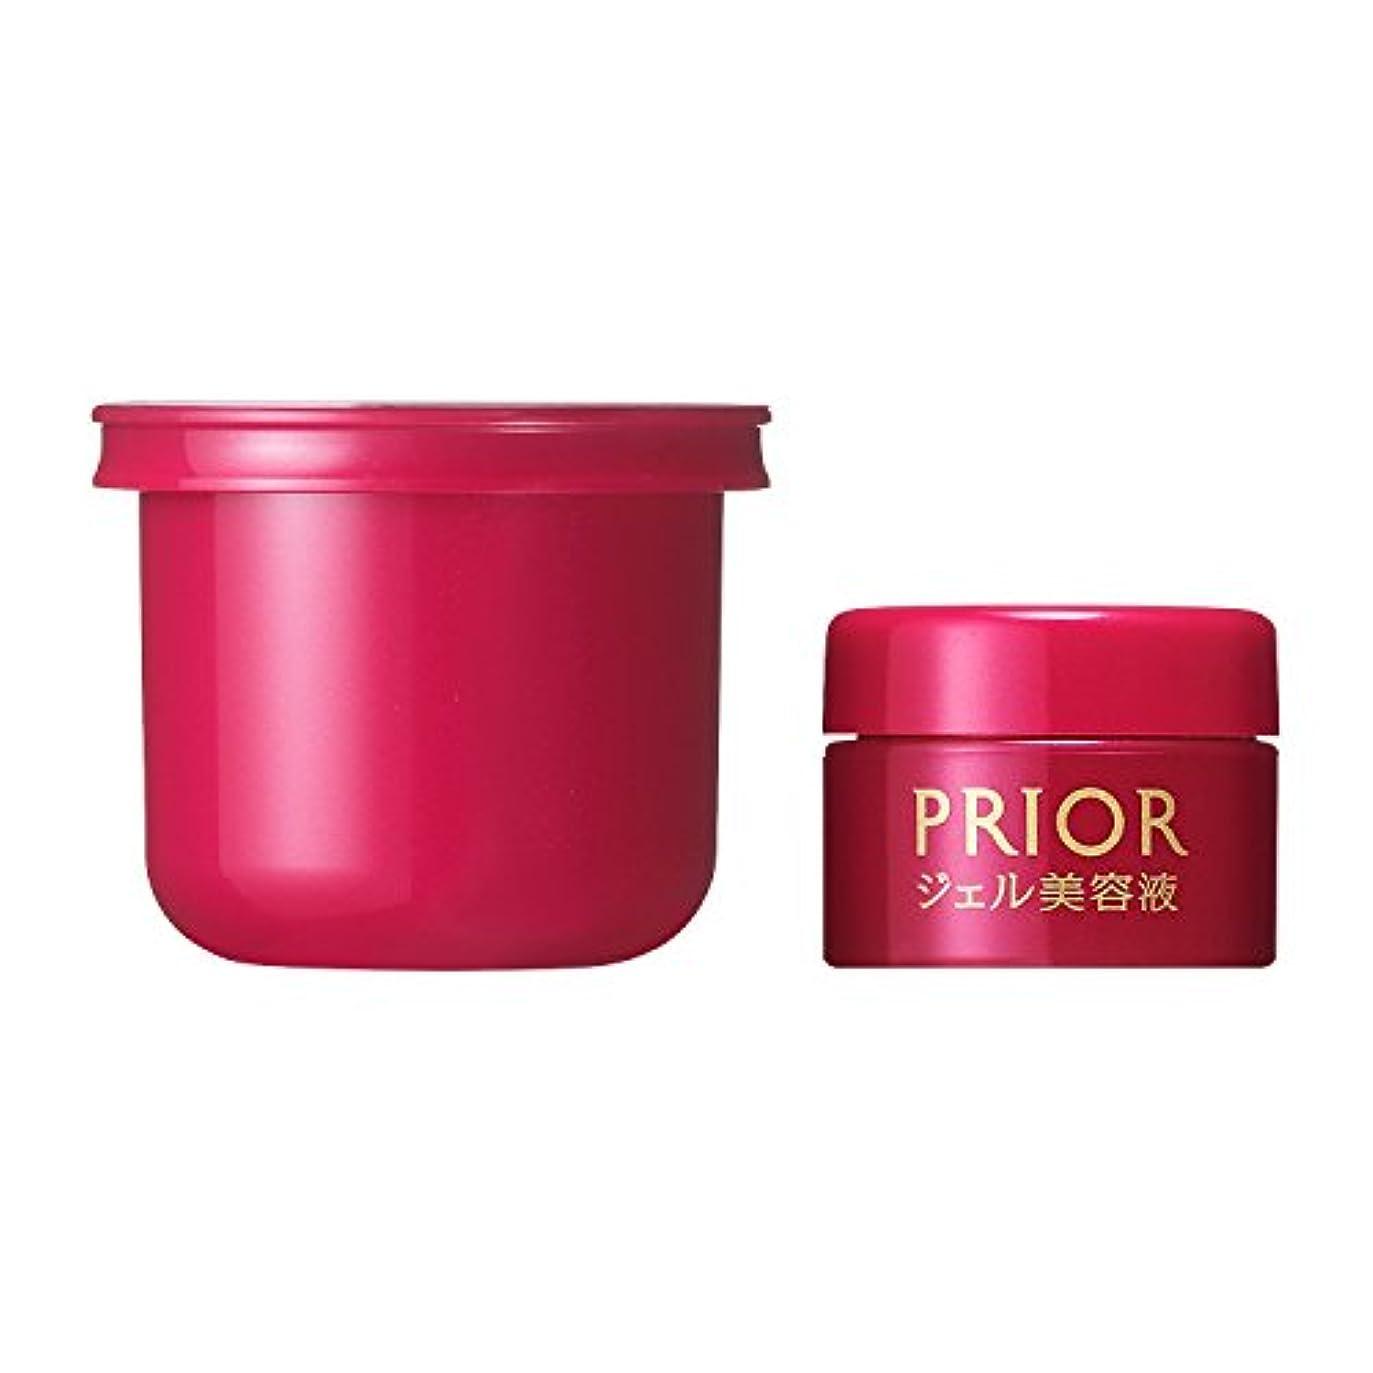 漂流権威としてプリオール ジェル美容液 つけかえ用 限定セット a ミニサイズ付き 48g + 7g